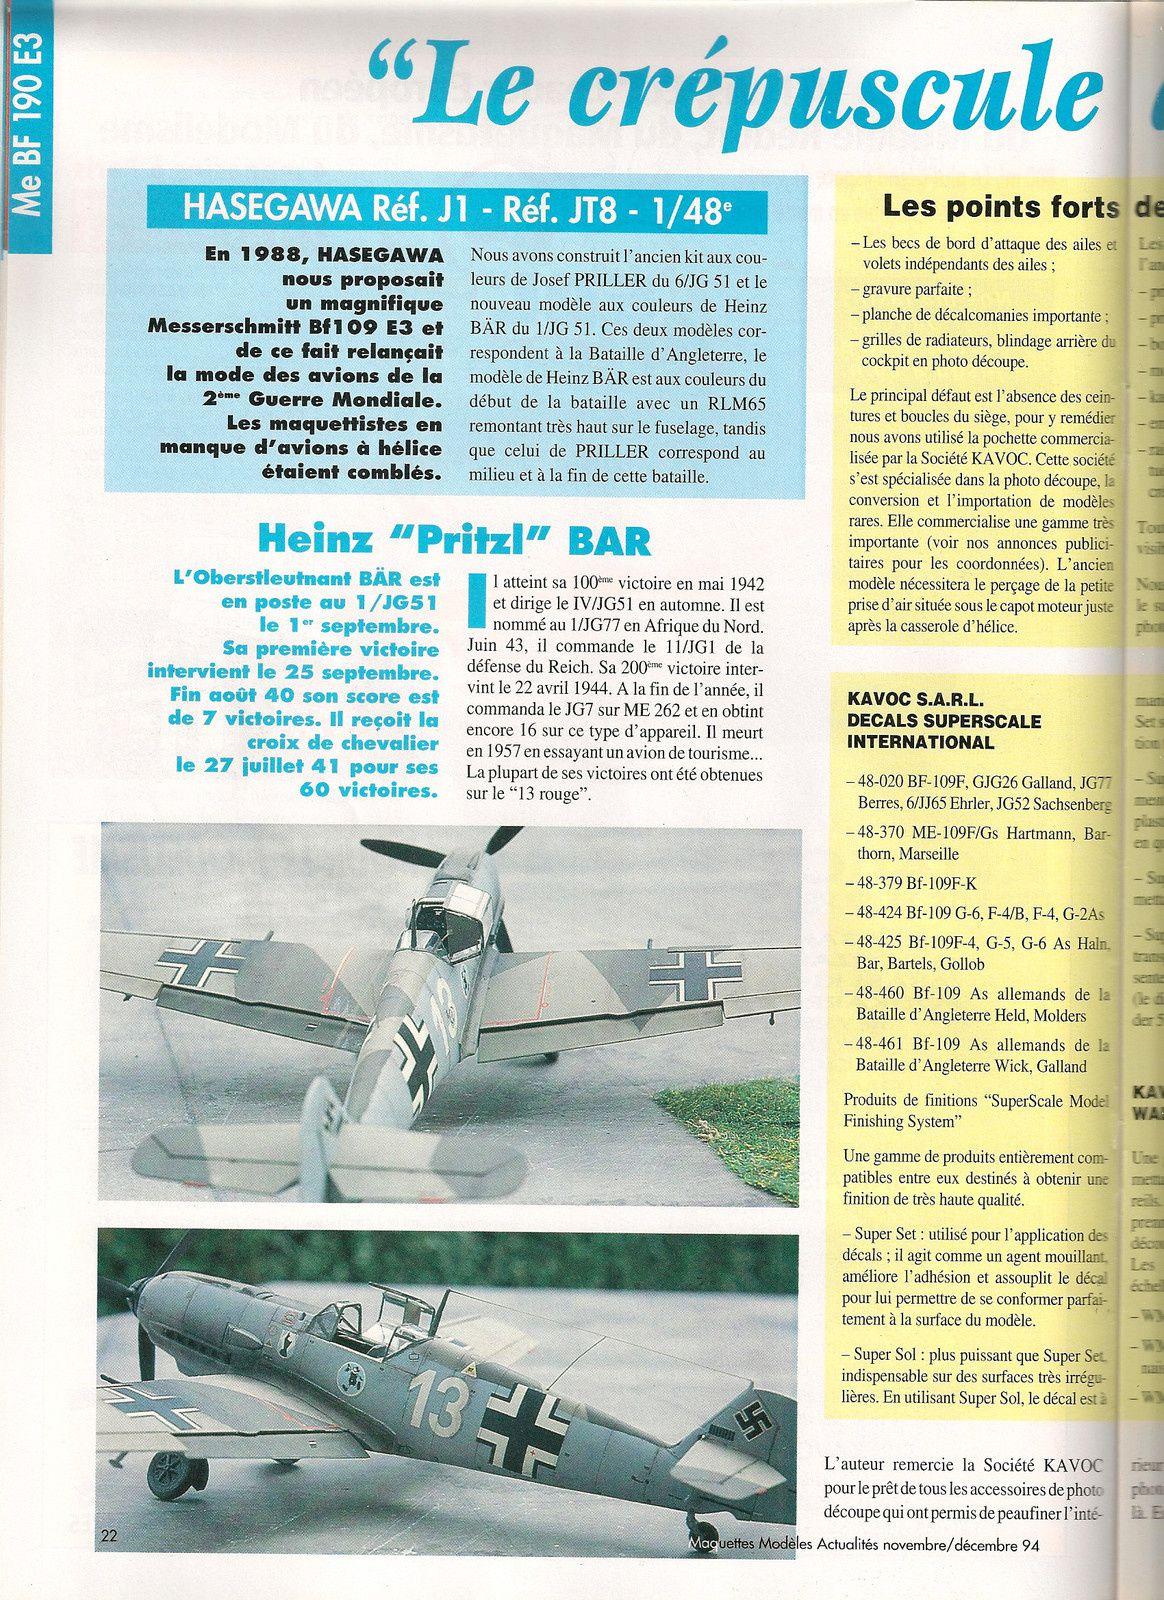 Messerchmitt  bf 109 E3